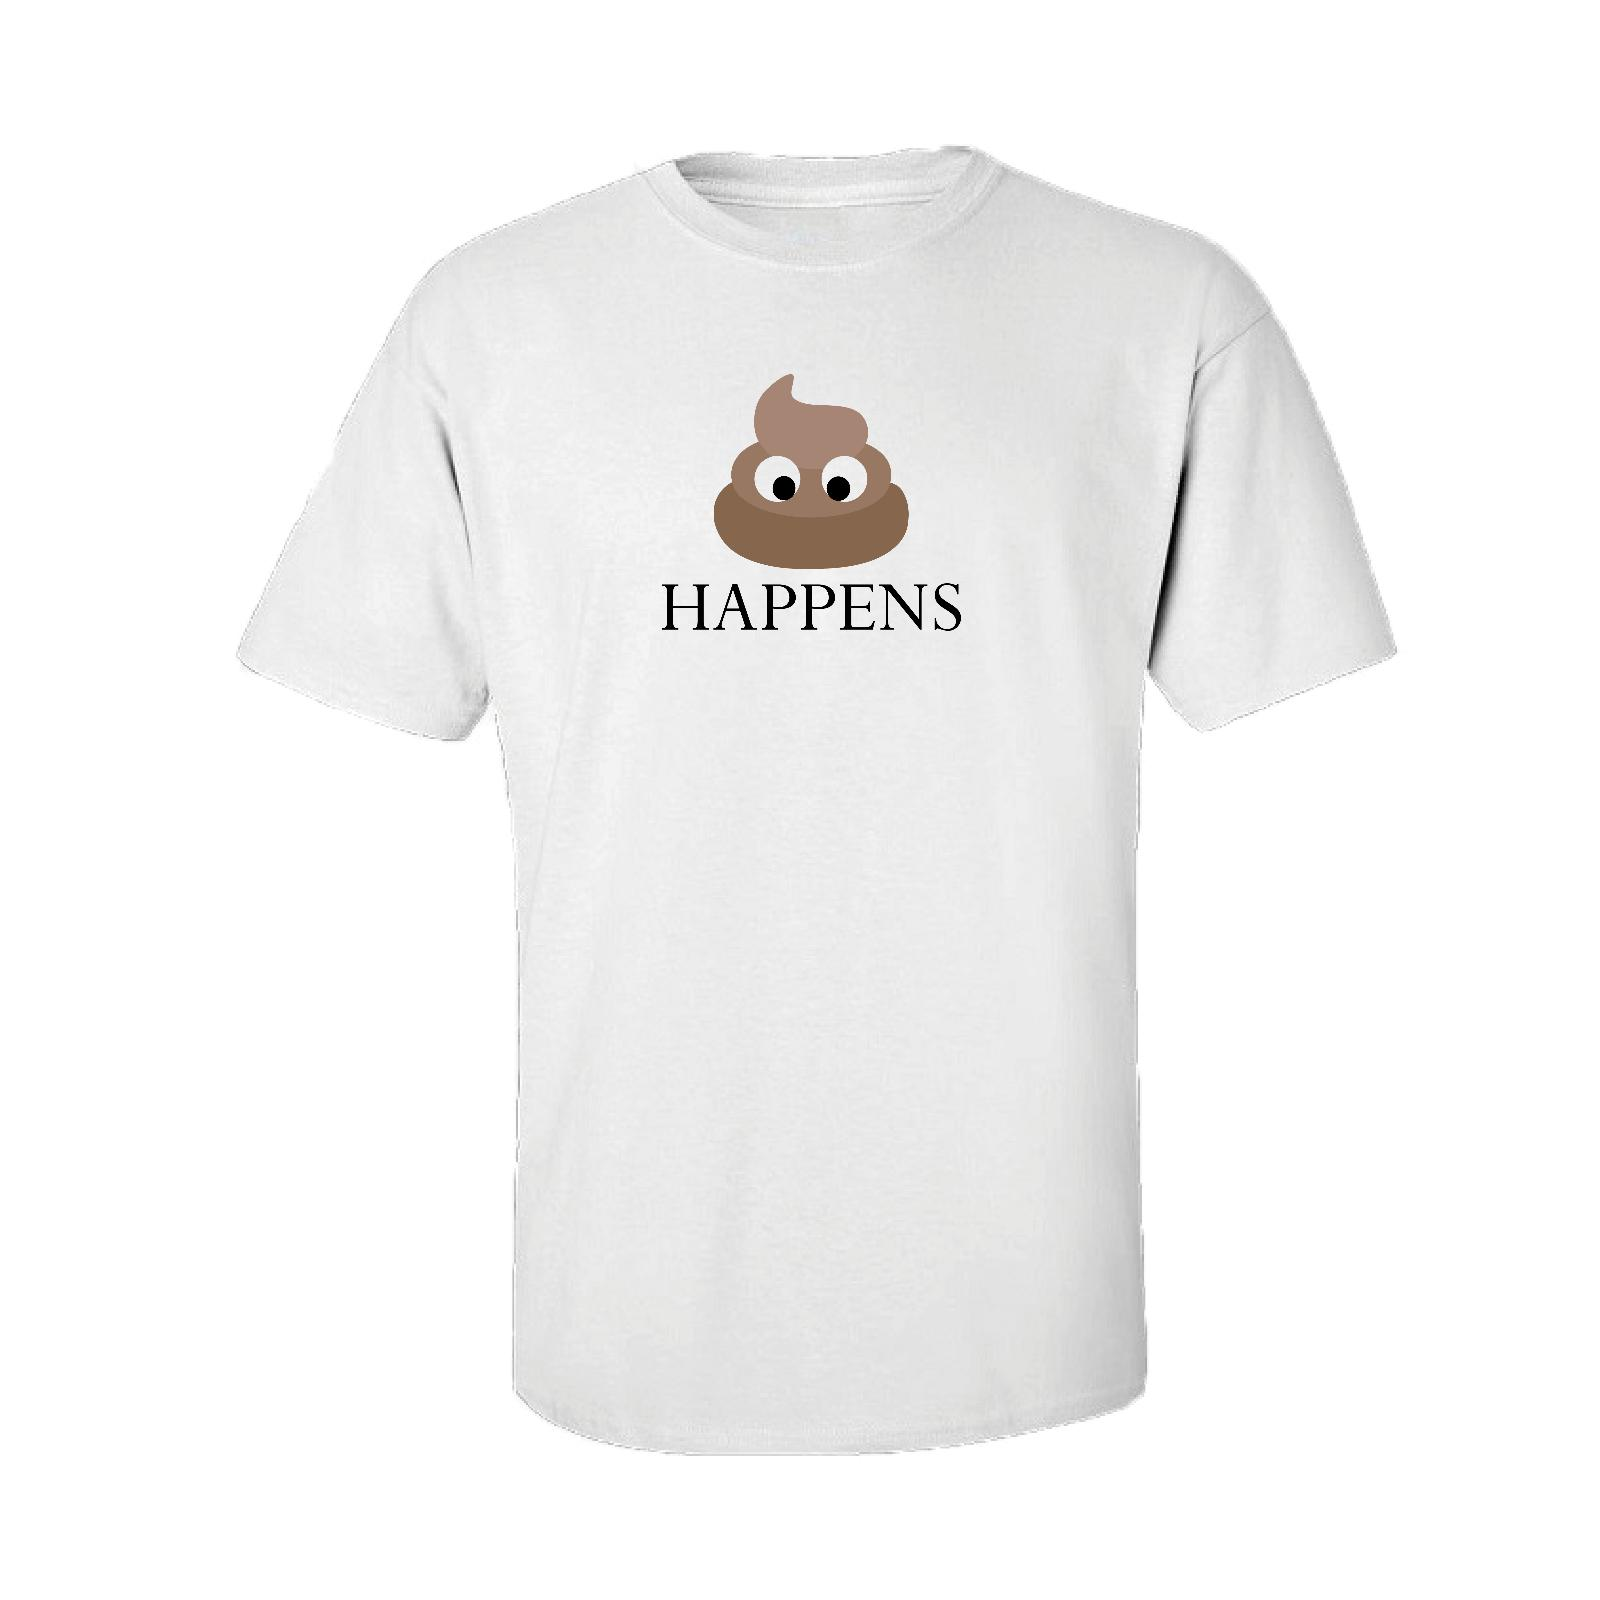 0a2f8550a9 Poop Happens Cool Funny Poo Emoji Unisex Emojis Tee Funny T-Shirt  TShirtFunny free shipping Unisex Casual Tshirt top